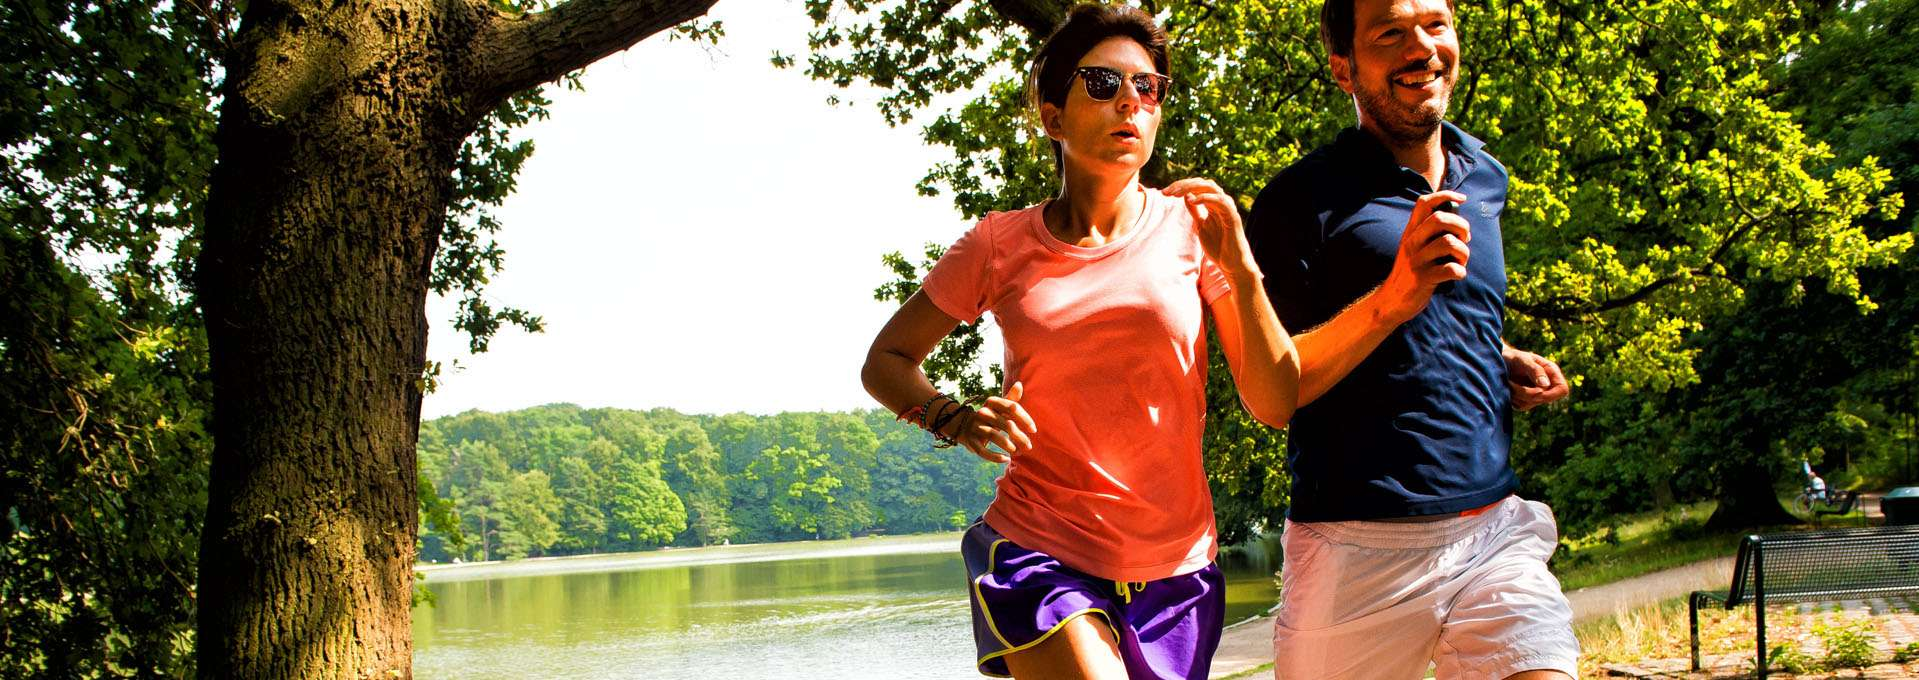 Headerbild Themen des Landessportbundes NRW: Joggen in freier Natur